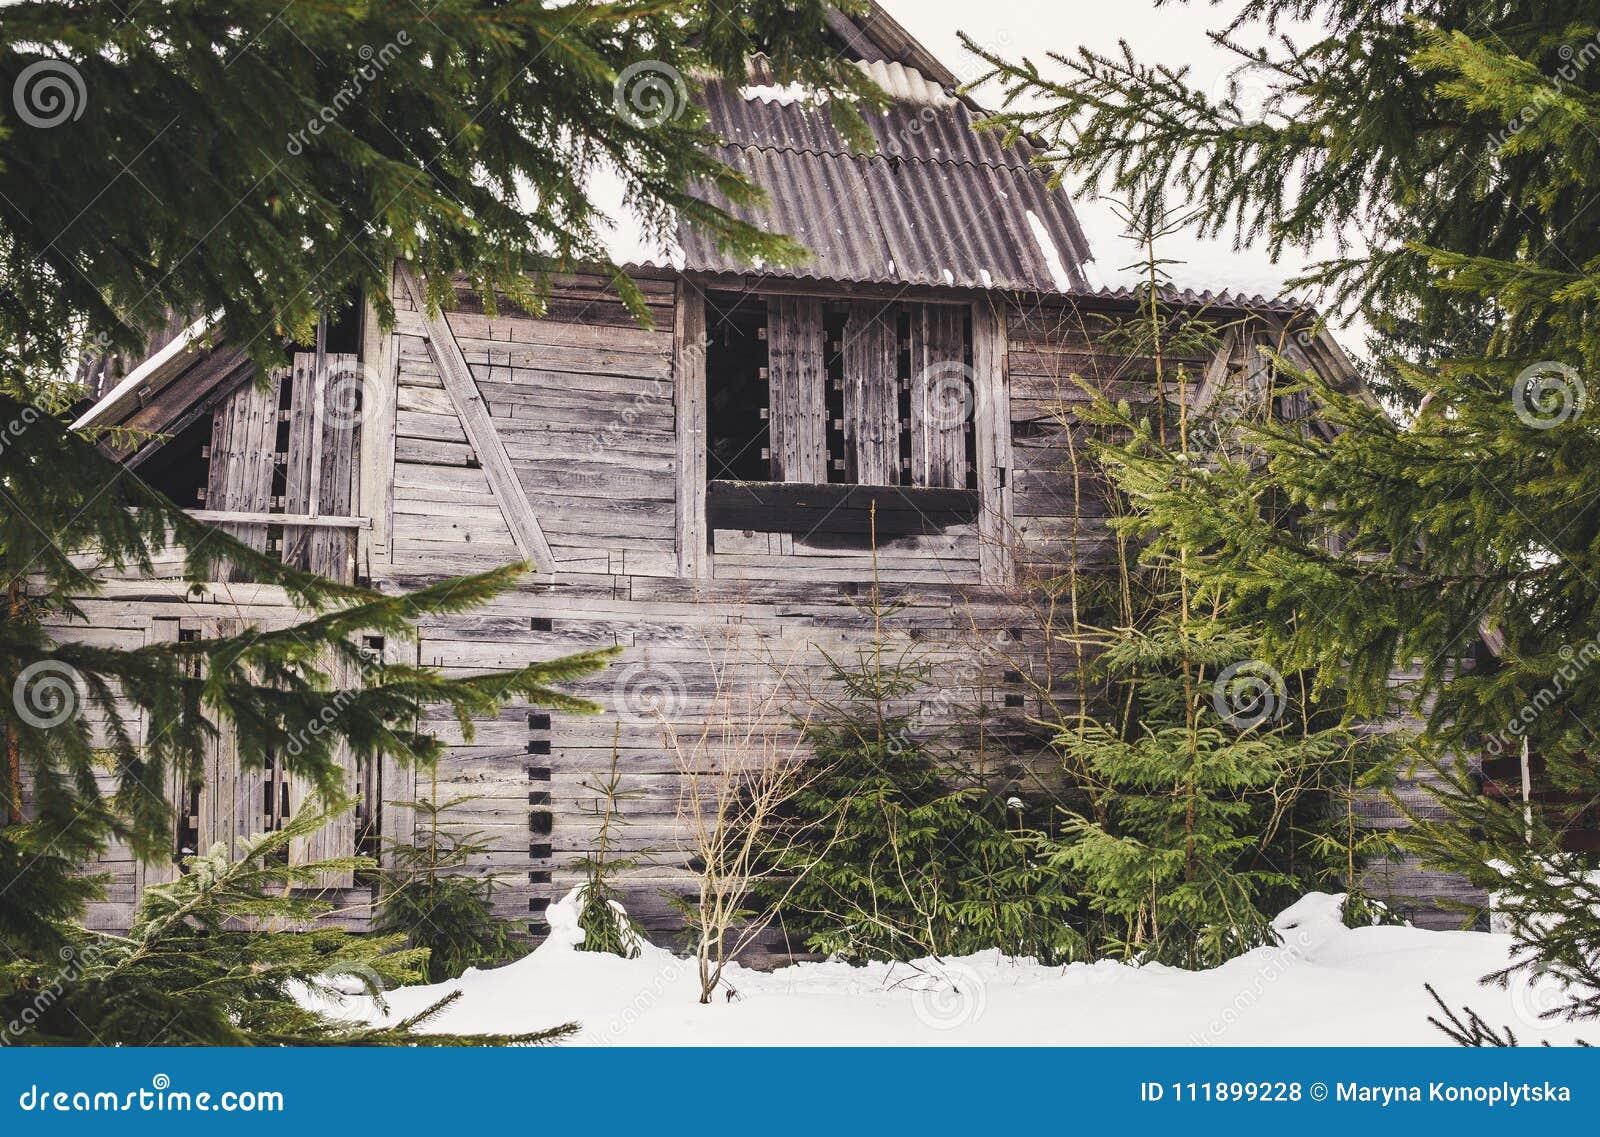 Vieille maison mystérieuse abandonnée dans la forêt